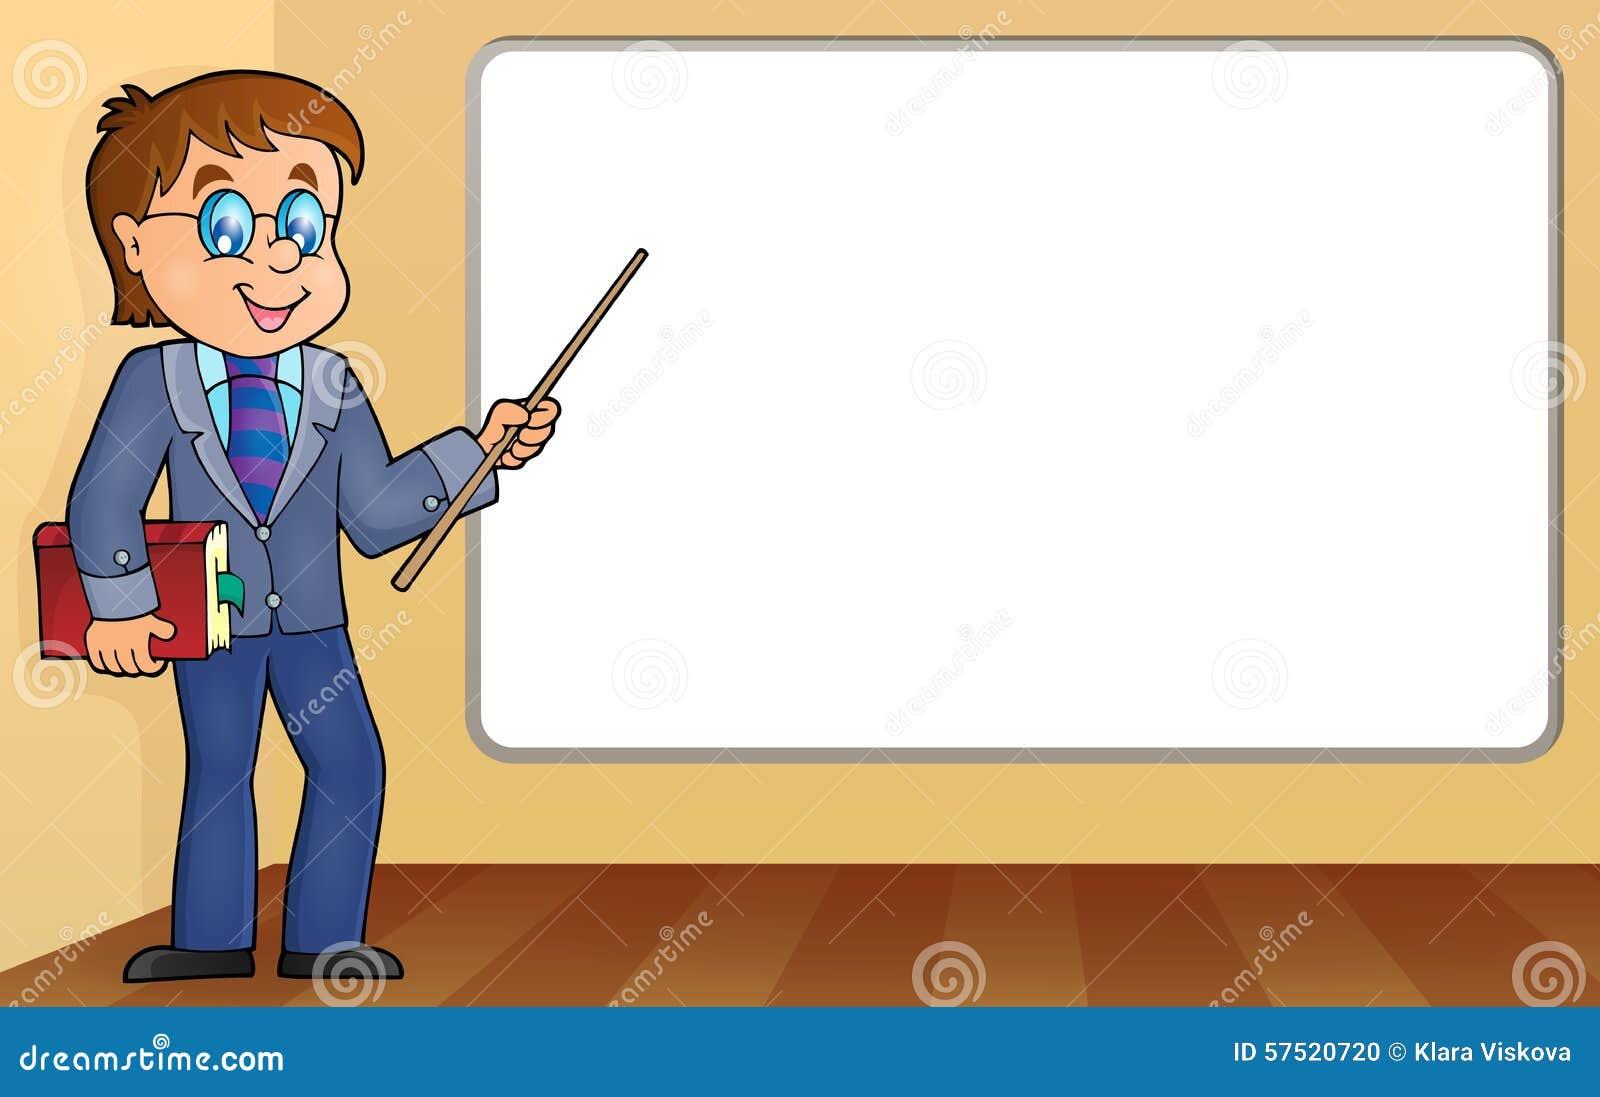 Find Your Teacher (Lu Jong)